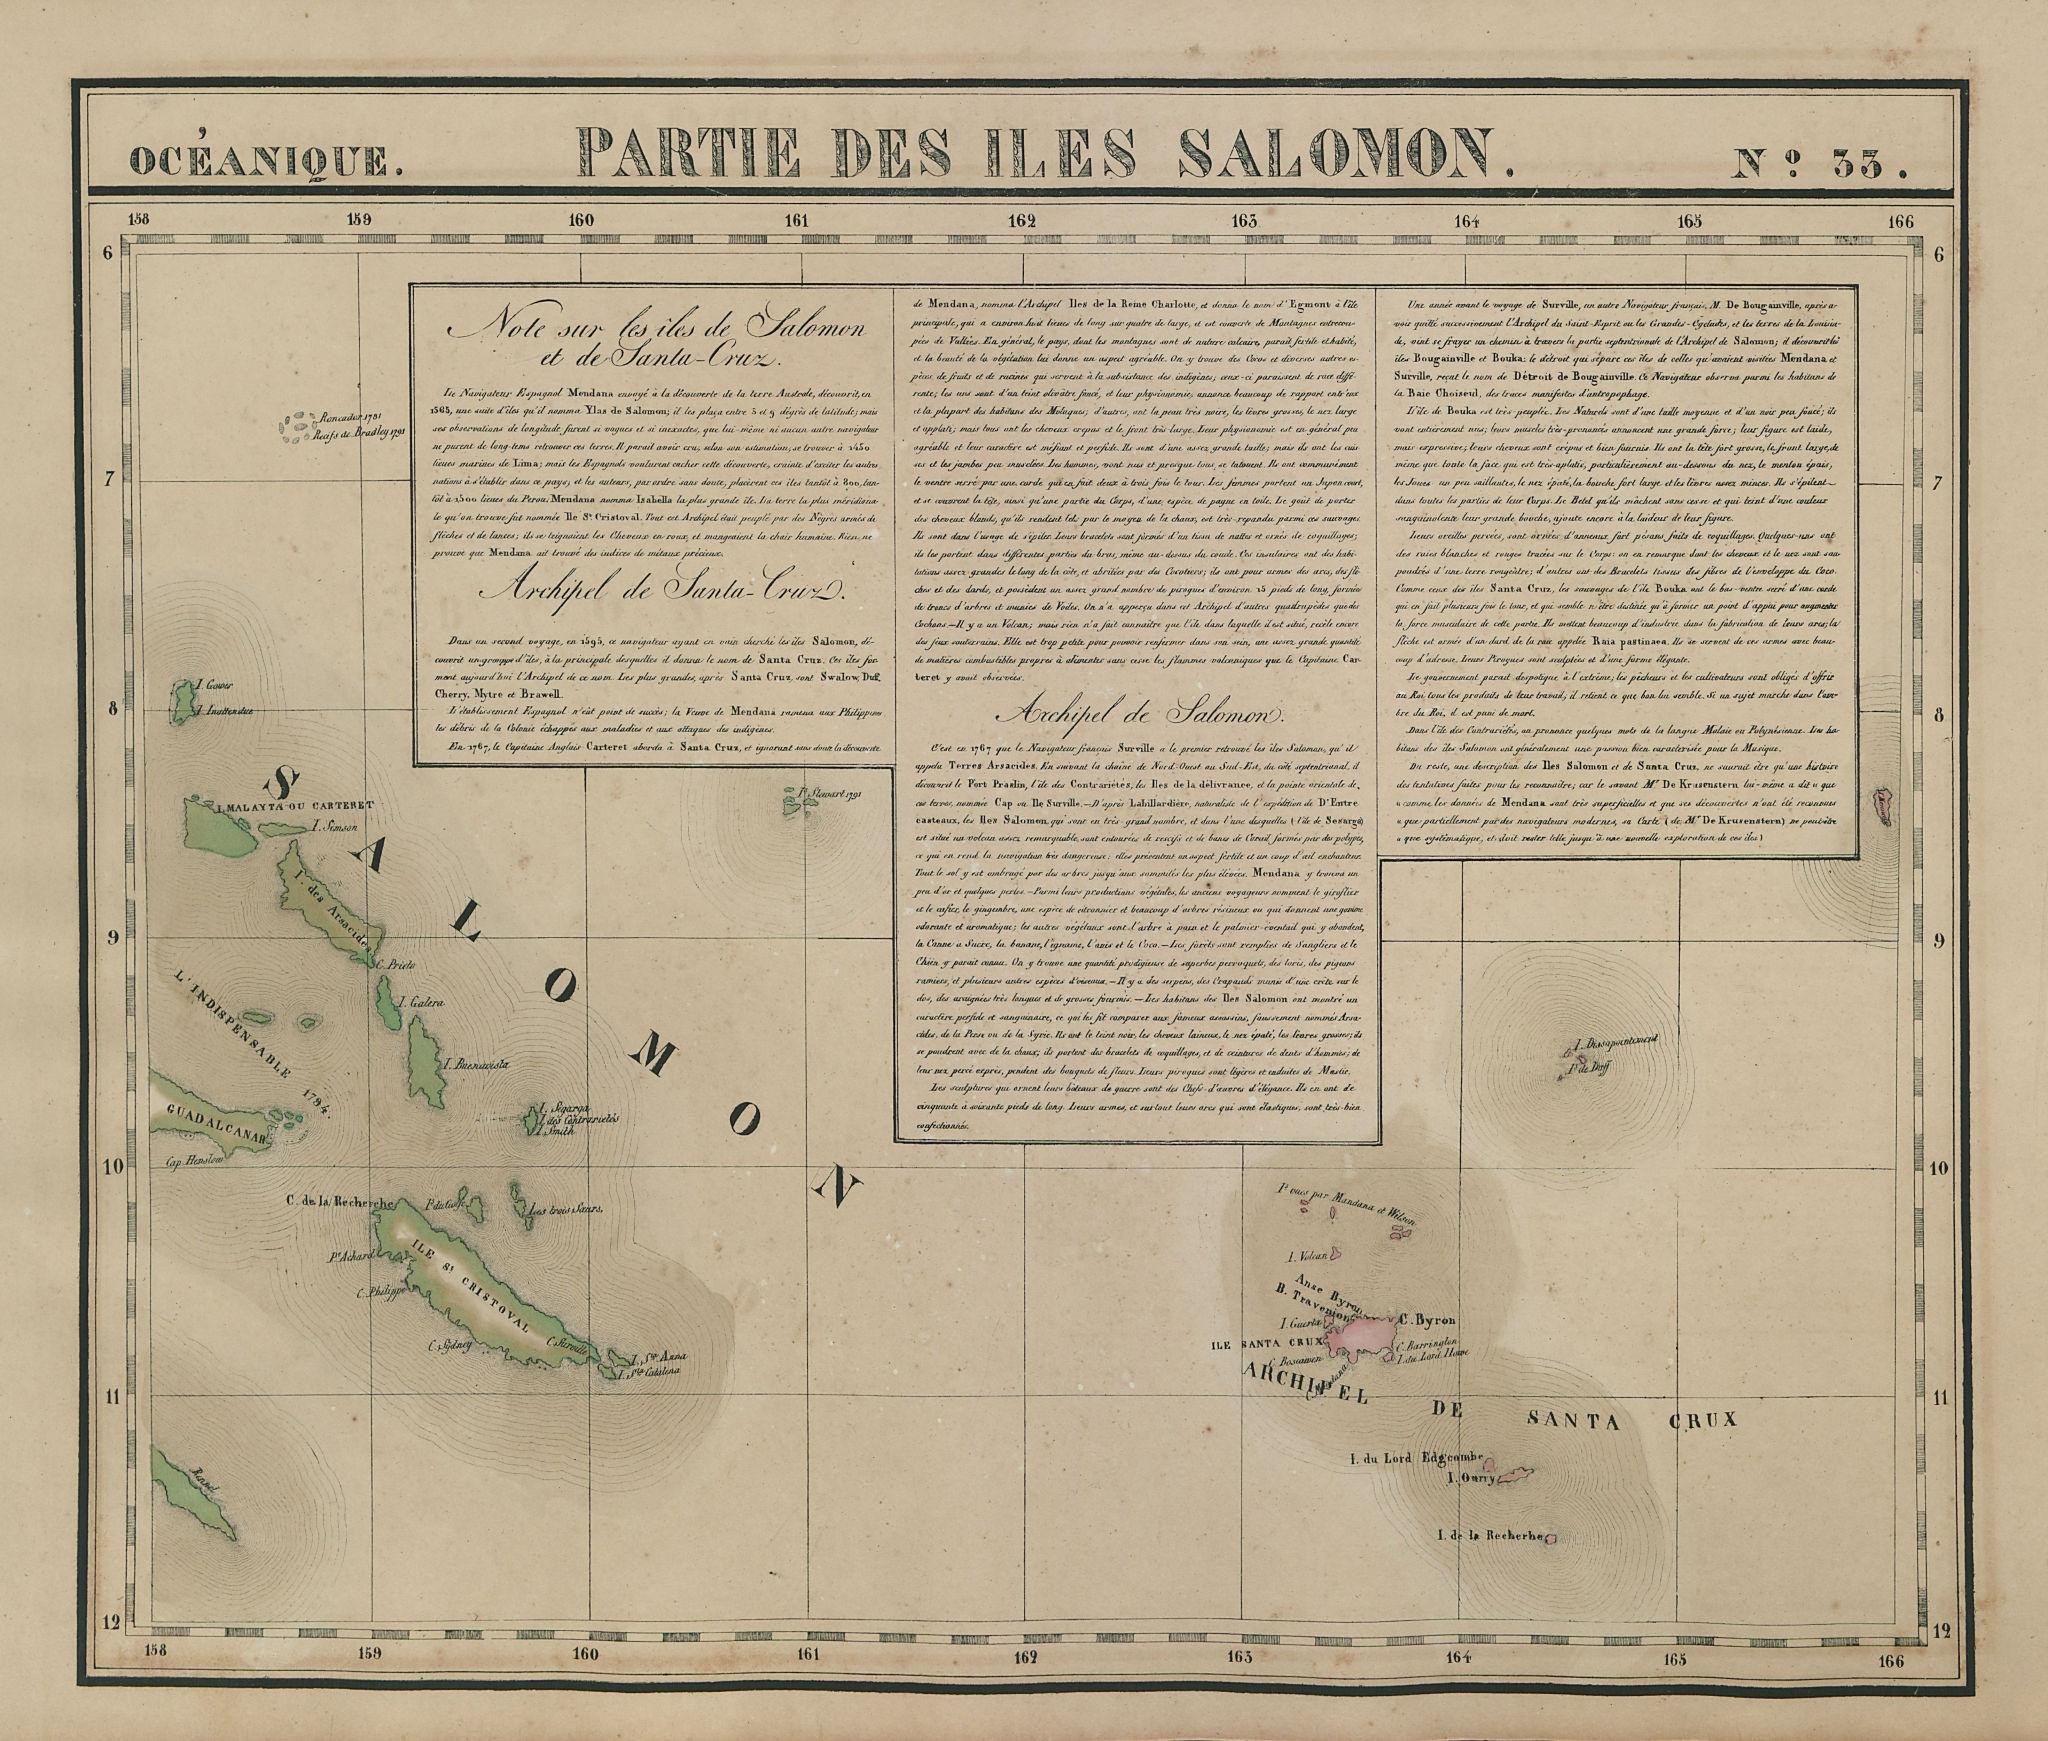 Océanique. Partie des Iles Salomon #33. Solomon Islands. VANDERMAELEN 1827 map